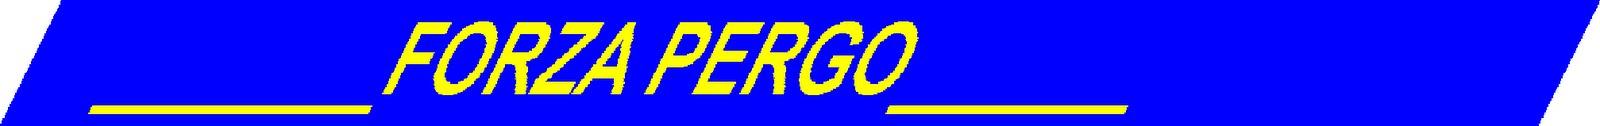 ______FORZA PERGO______